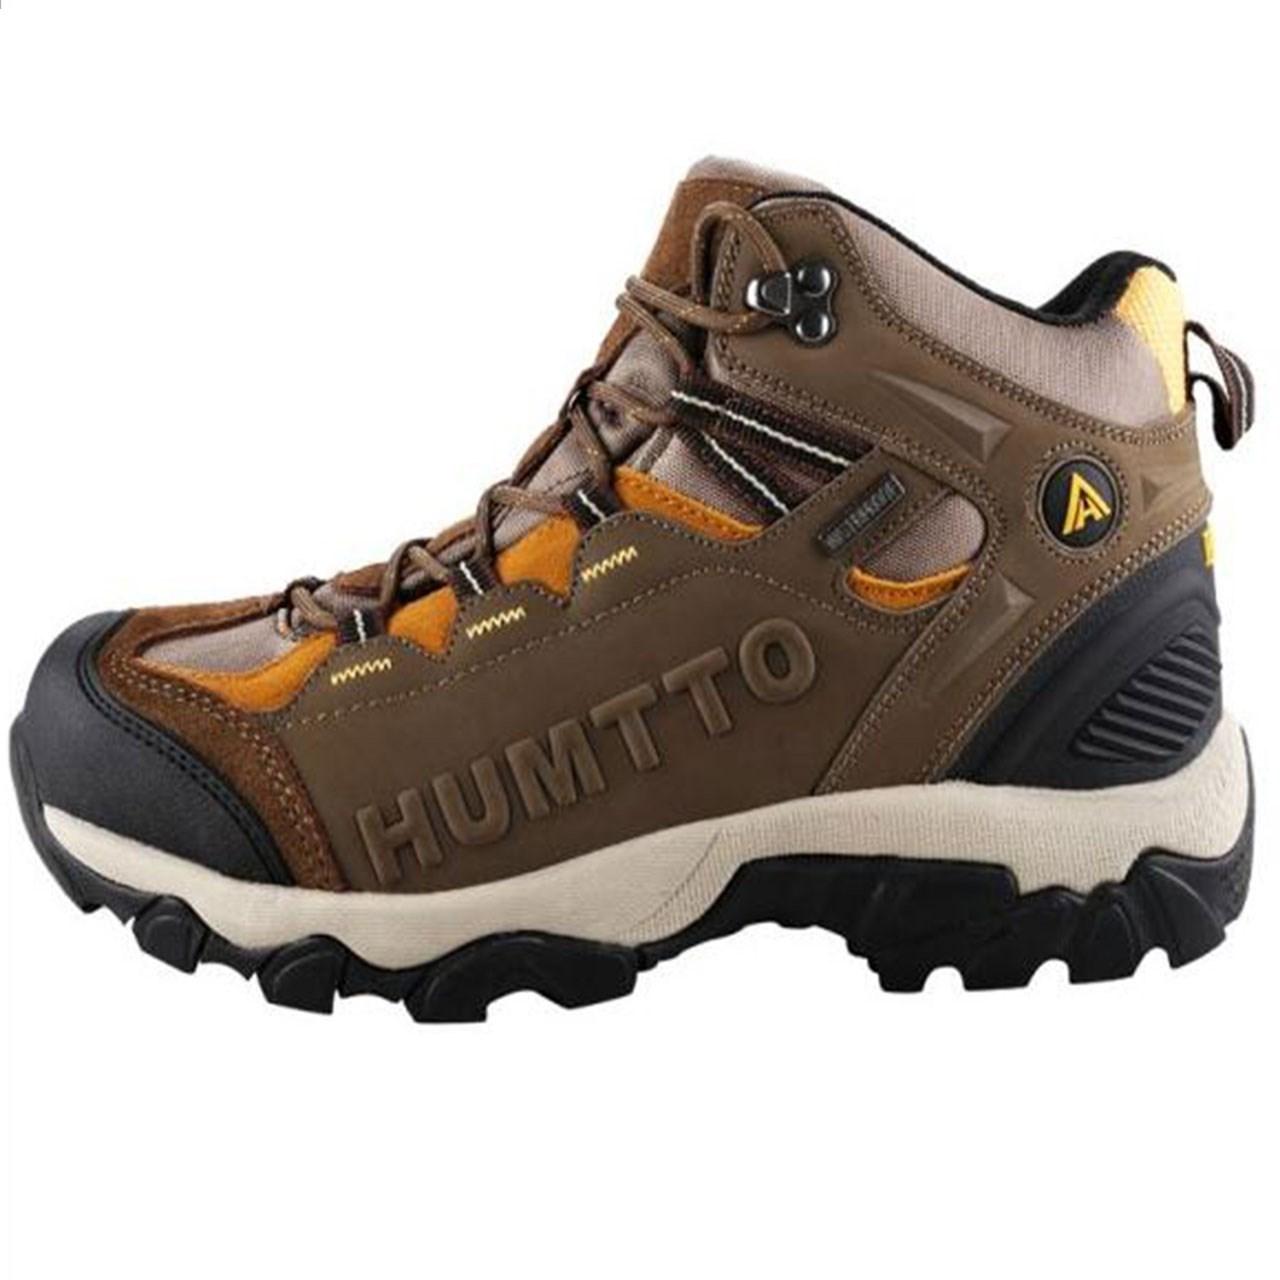 قیمت کفش مخصوص کوهنوردی مردانه هامتو مدل 1-3908